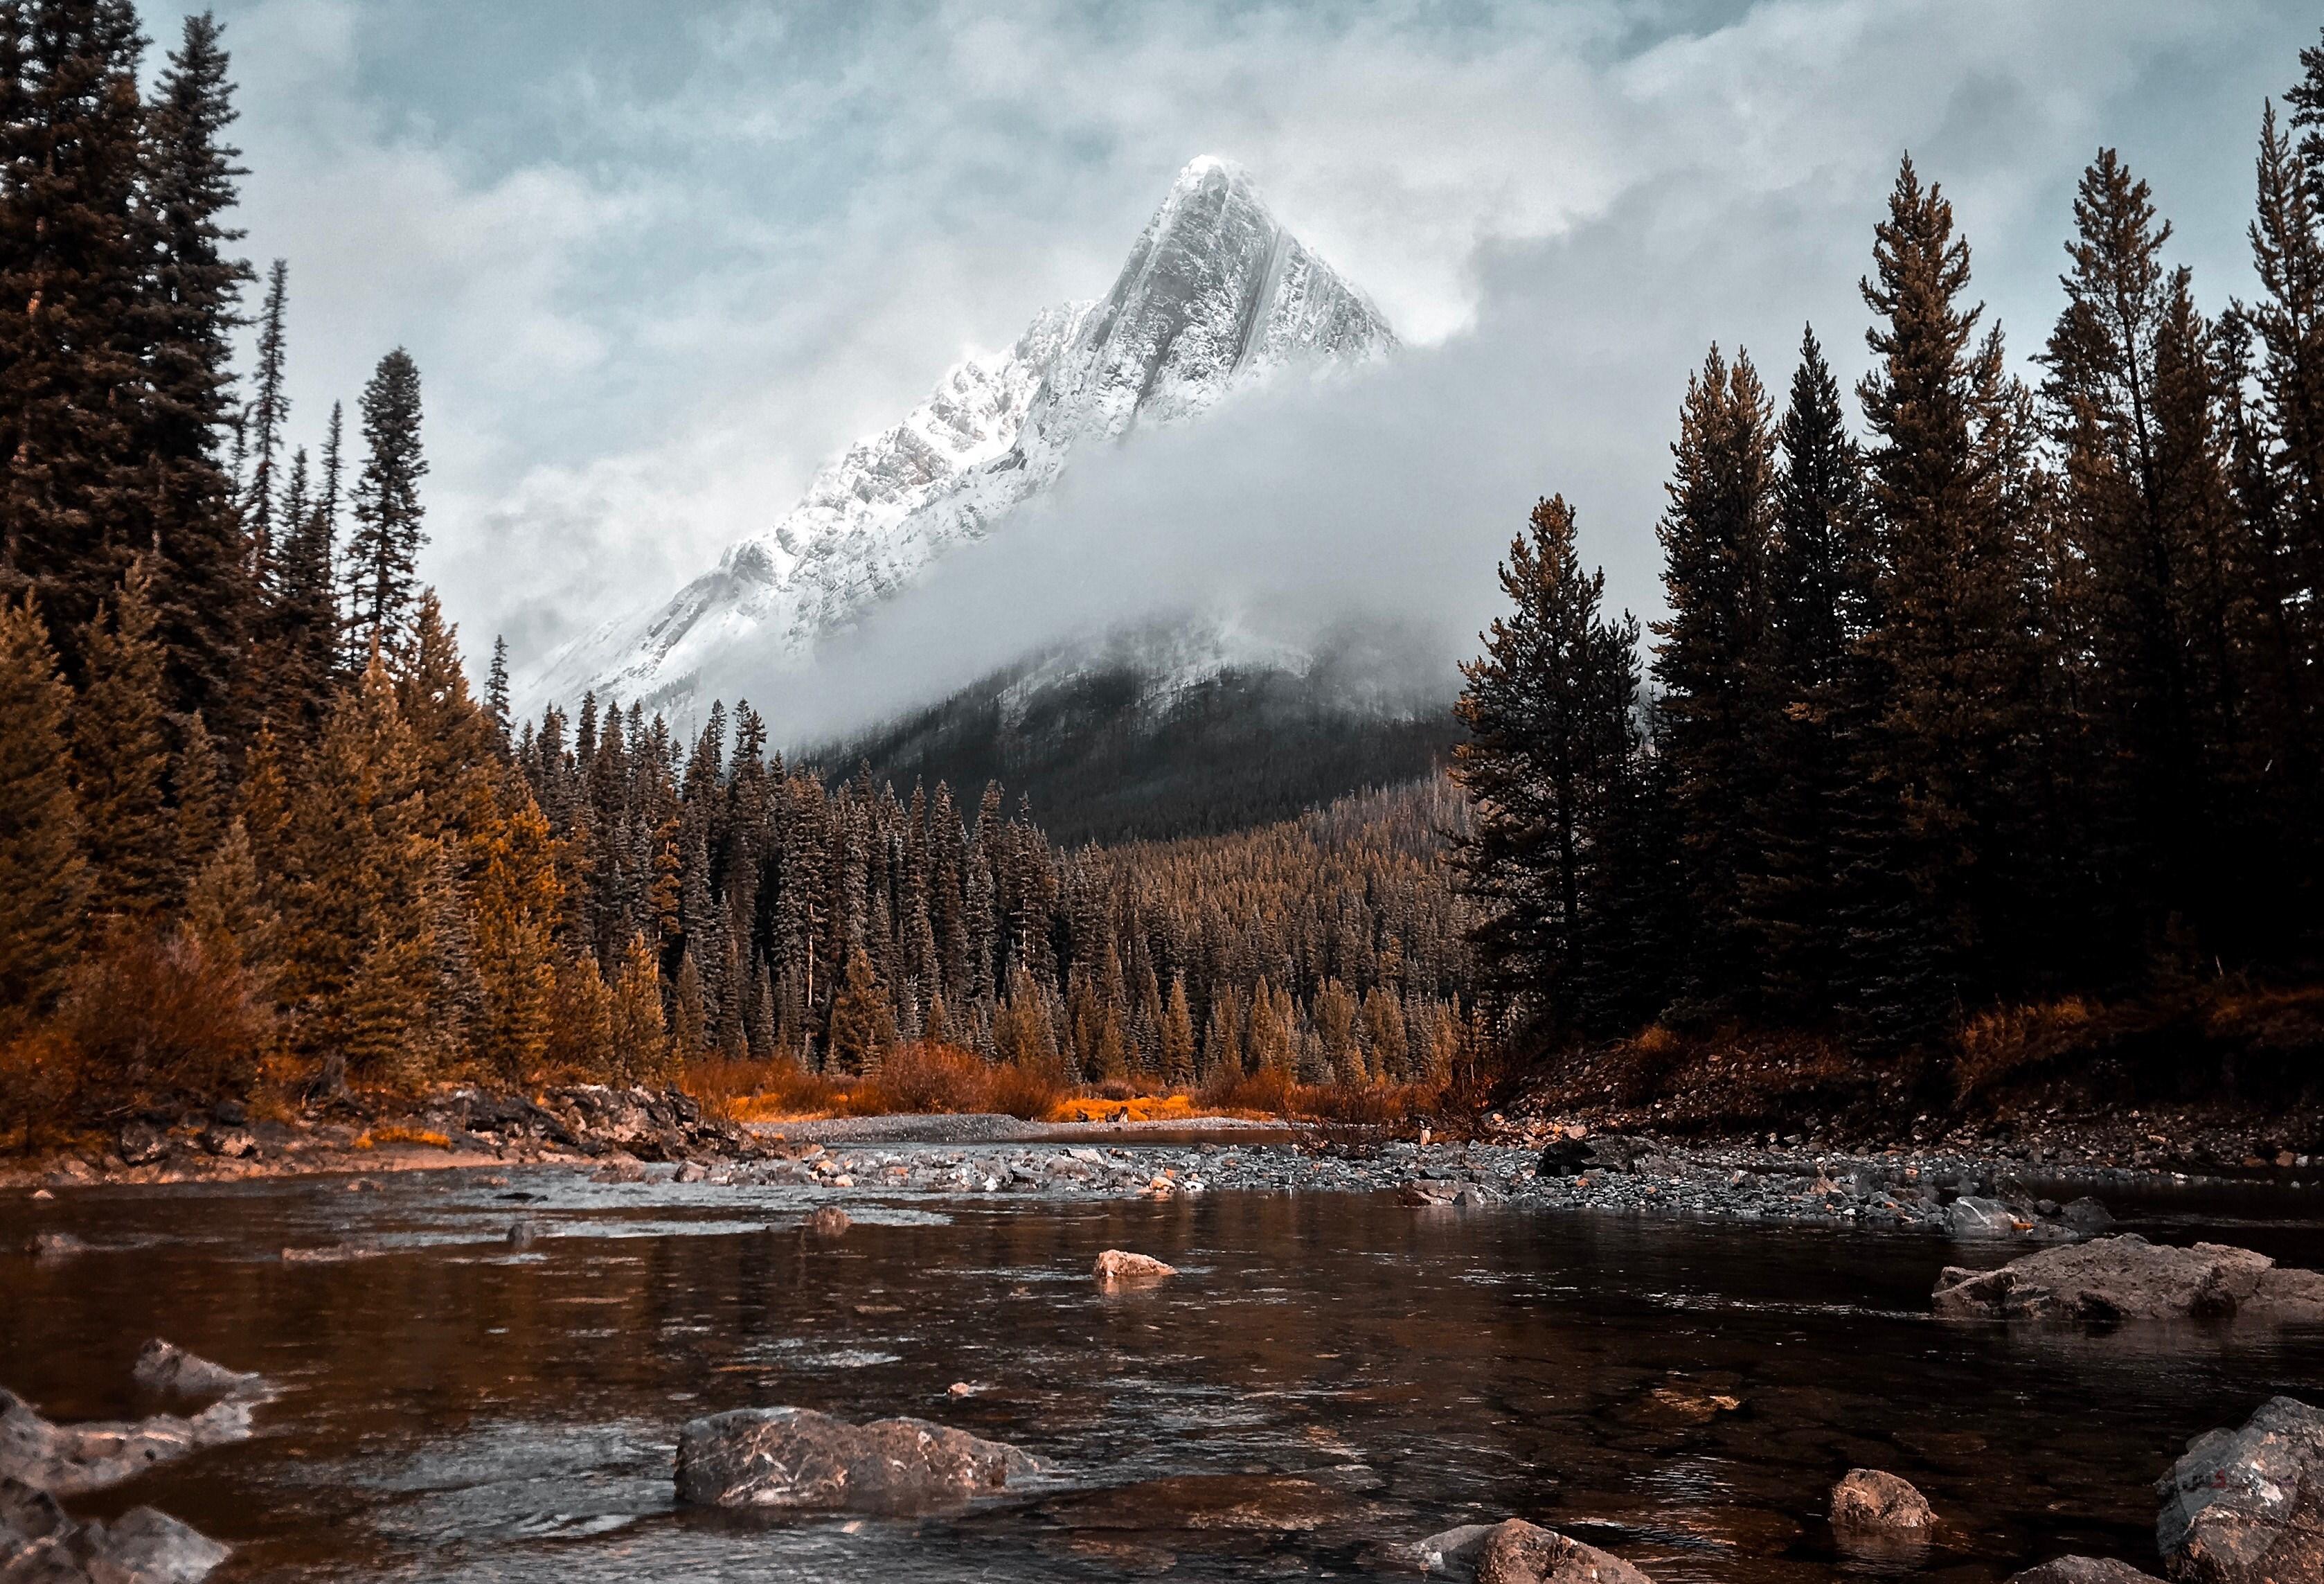 صور وخلفيات جبال وشلالات طبيعية HD خلفيات جبال خضراء وثلجية 36